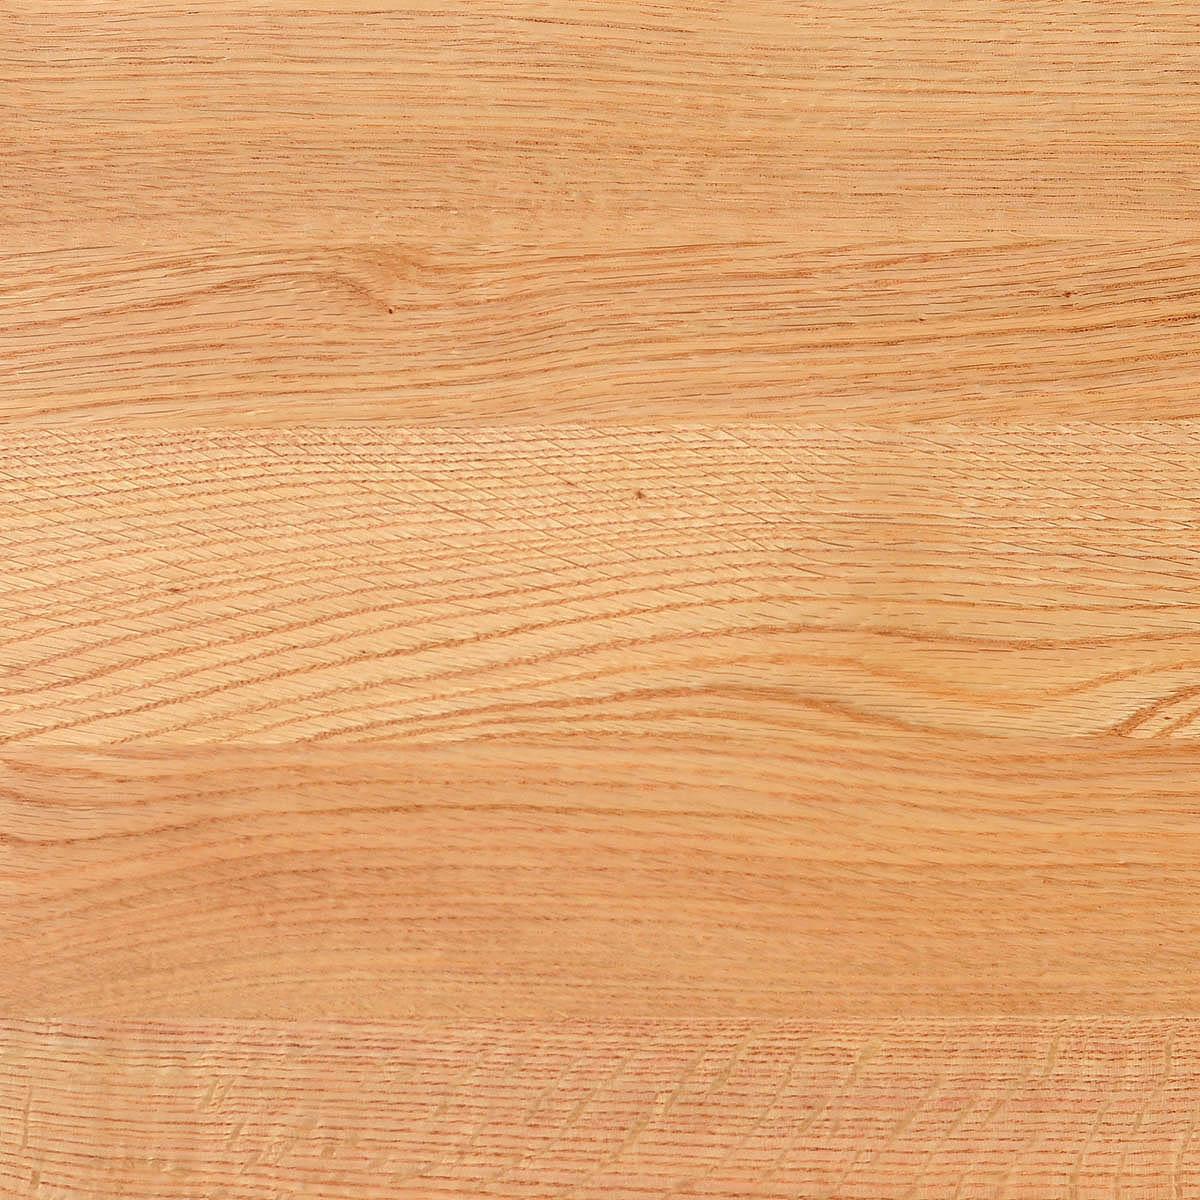 Schody drewniane Olsztyn - Dąb czerwony